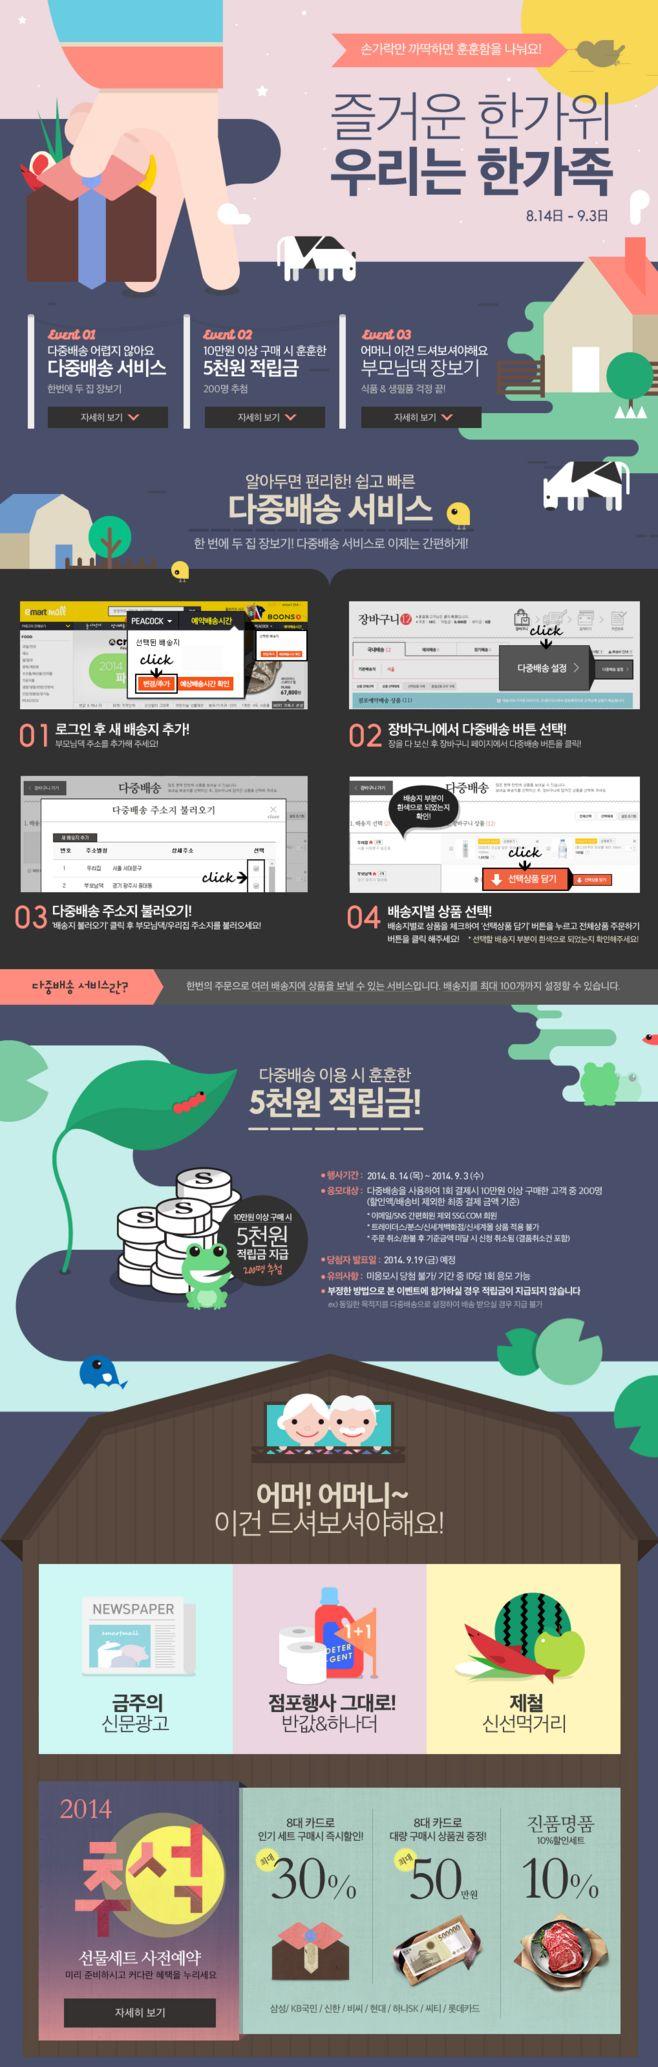 이벤트 > 부모님 대신 장보기 ...@筱暁采集到UI . Events. Korea(478图)_花瓣UI/UX